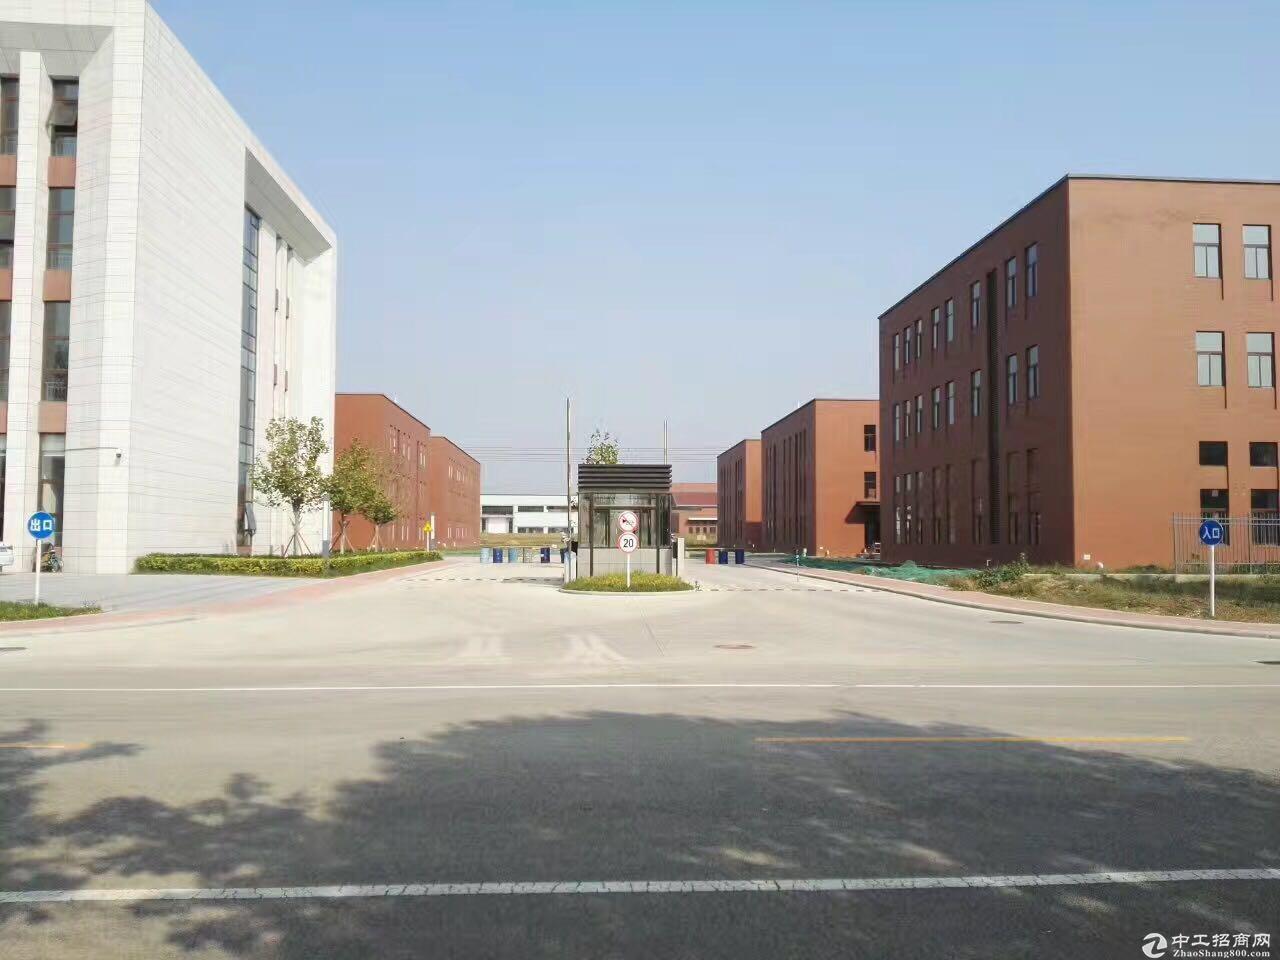 北京中关村科技园生物医药器械机械制造专业产业园